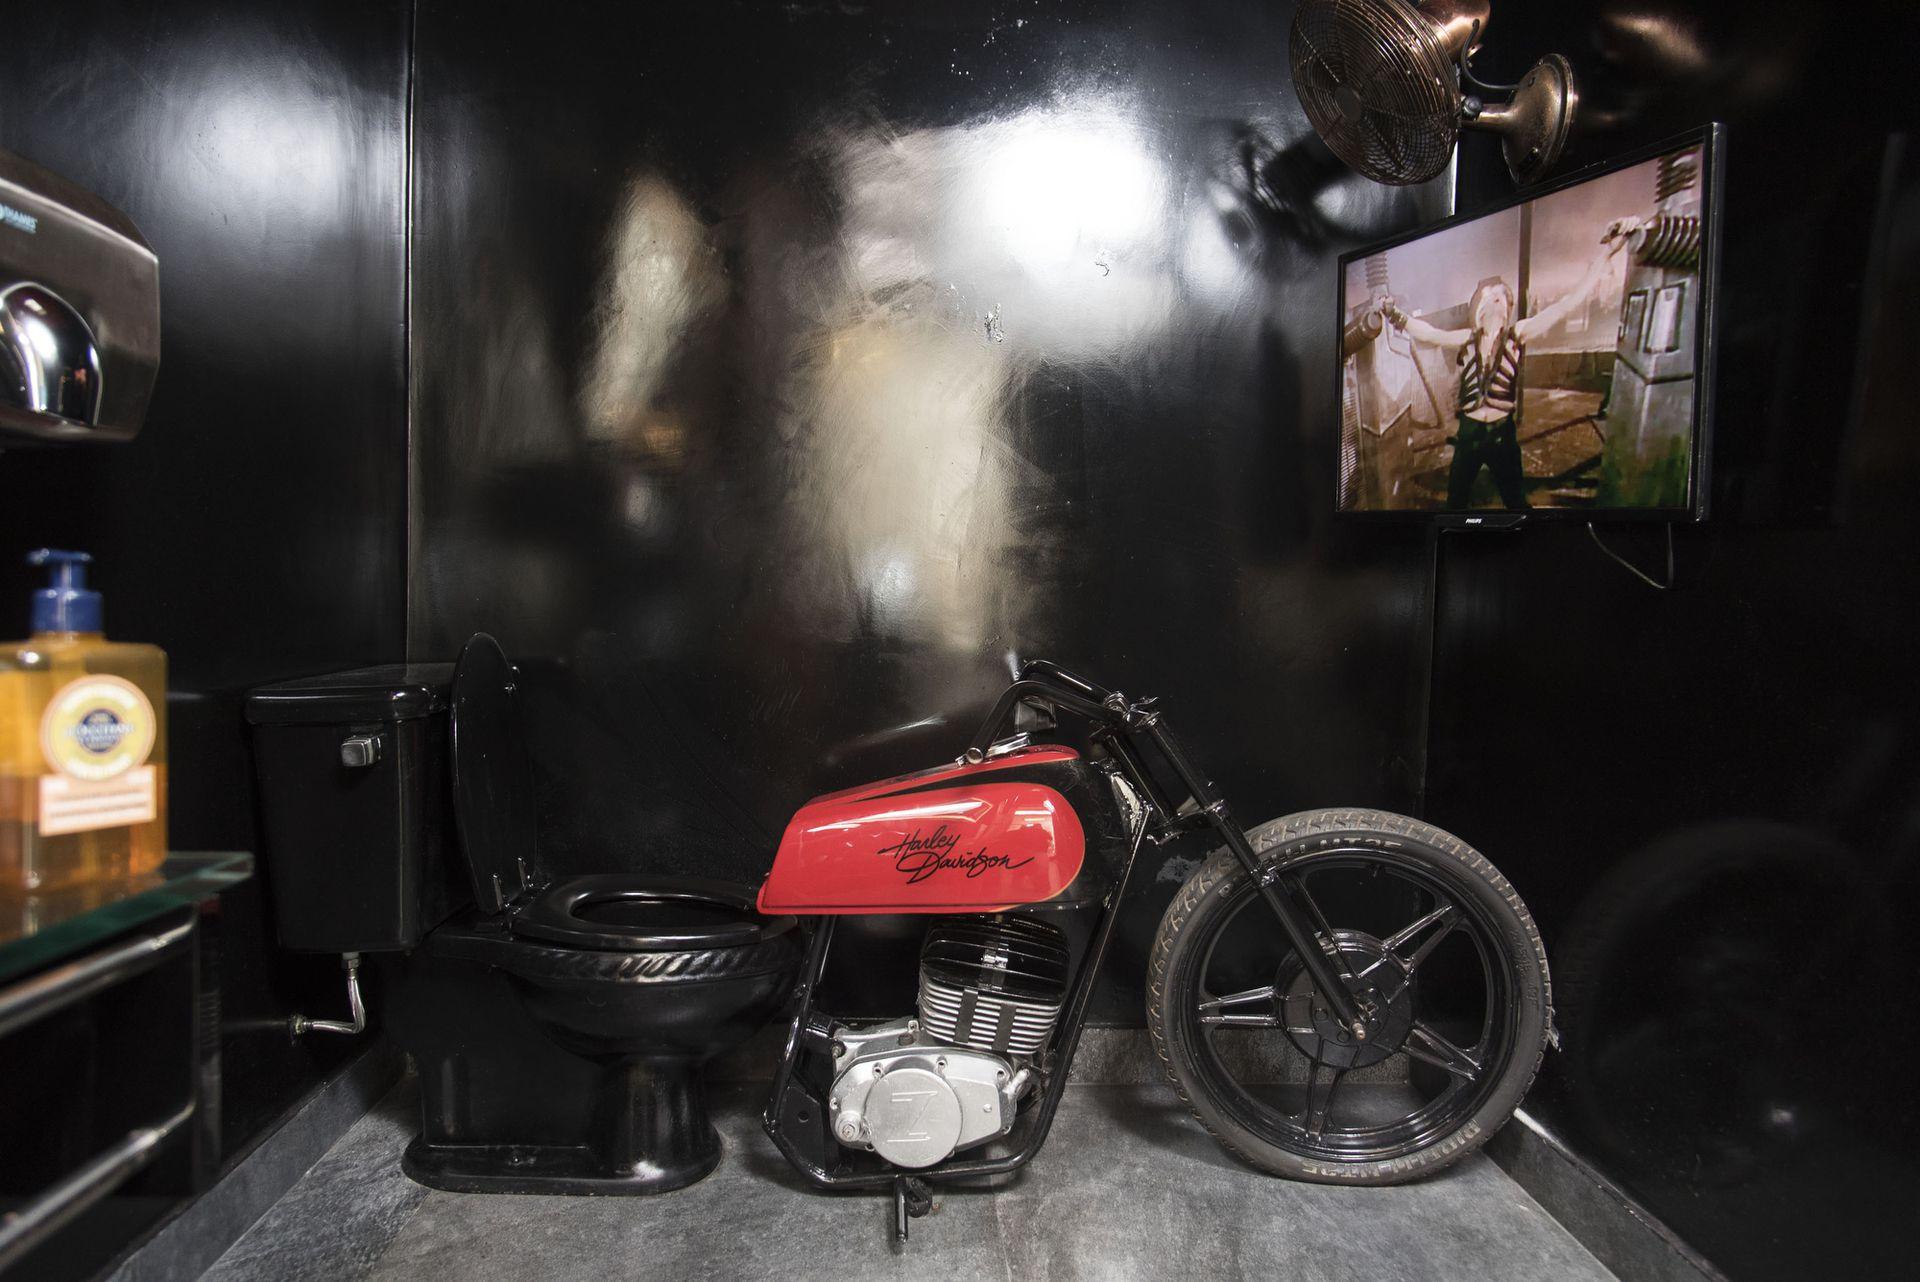 El inodoro-moto fue un invento de Bañares